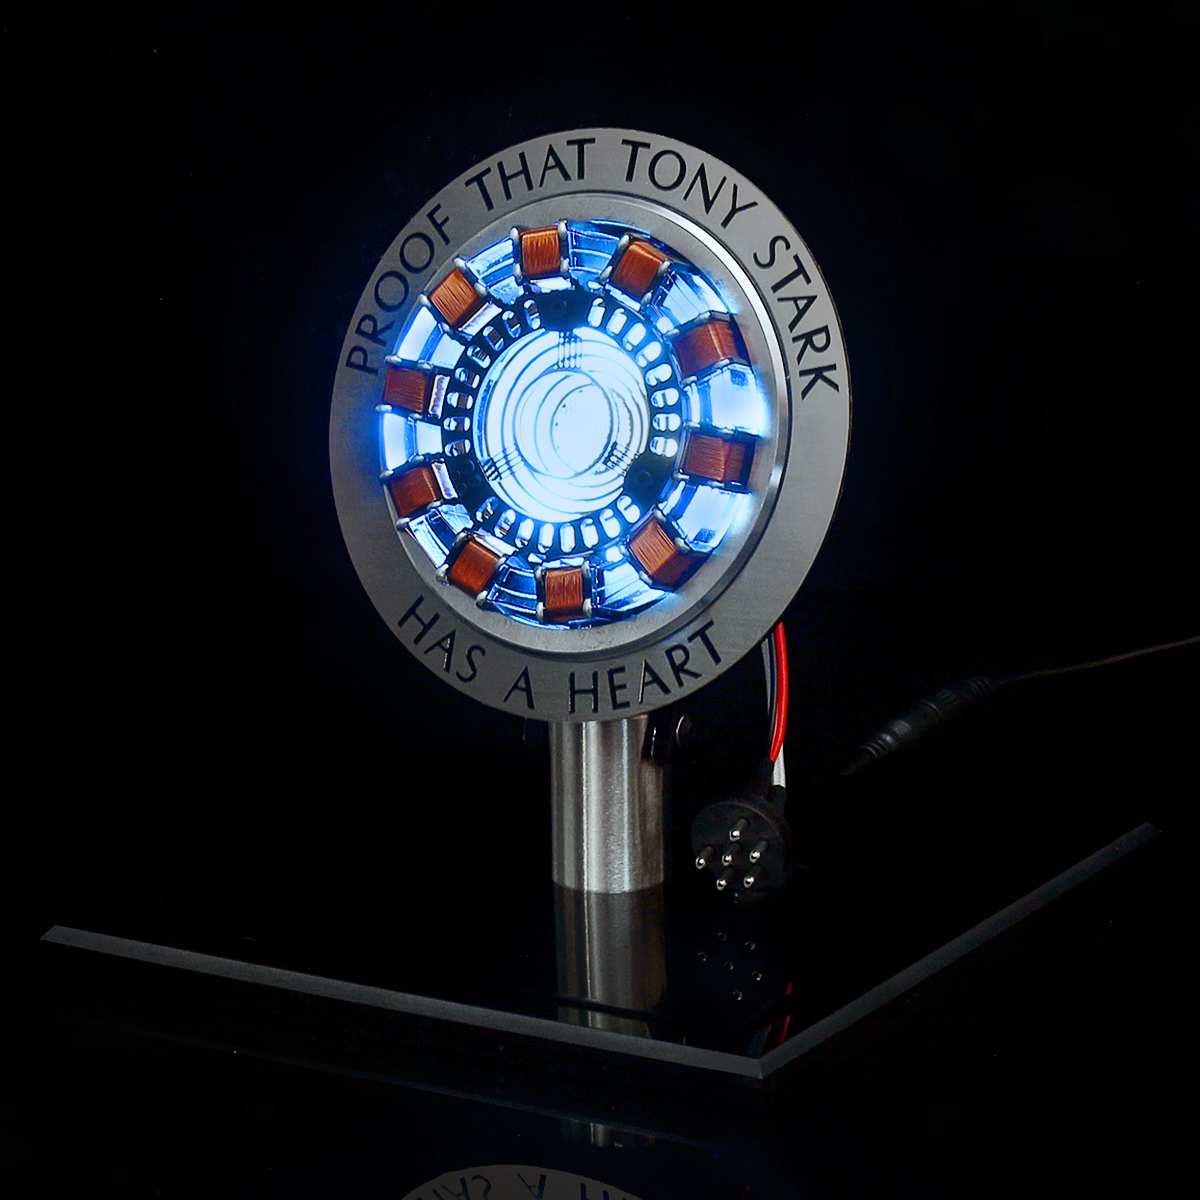 1:1 échelle Arc réacteur Action Figure lumière à distance Arc MK1 bricolage pièces modèle Assemb LED jouets lampe de poitrine en alliage d'aluminium LED